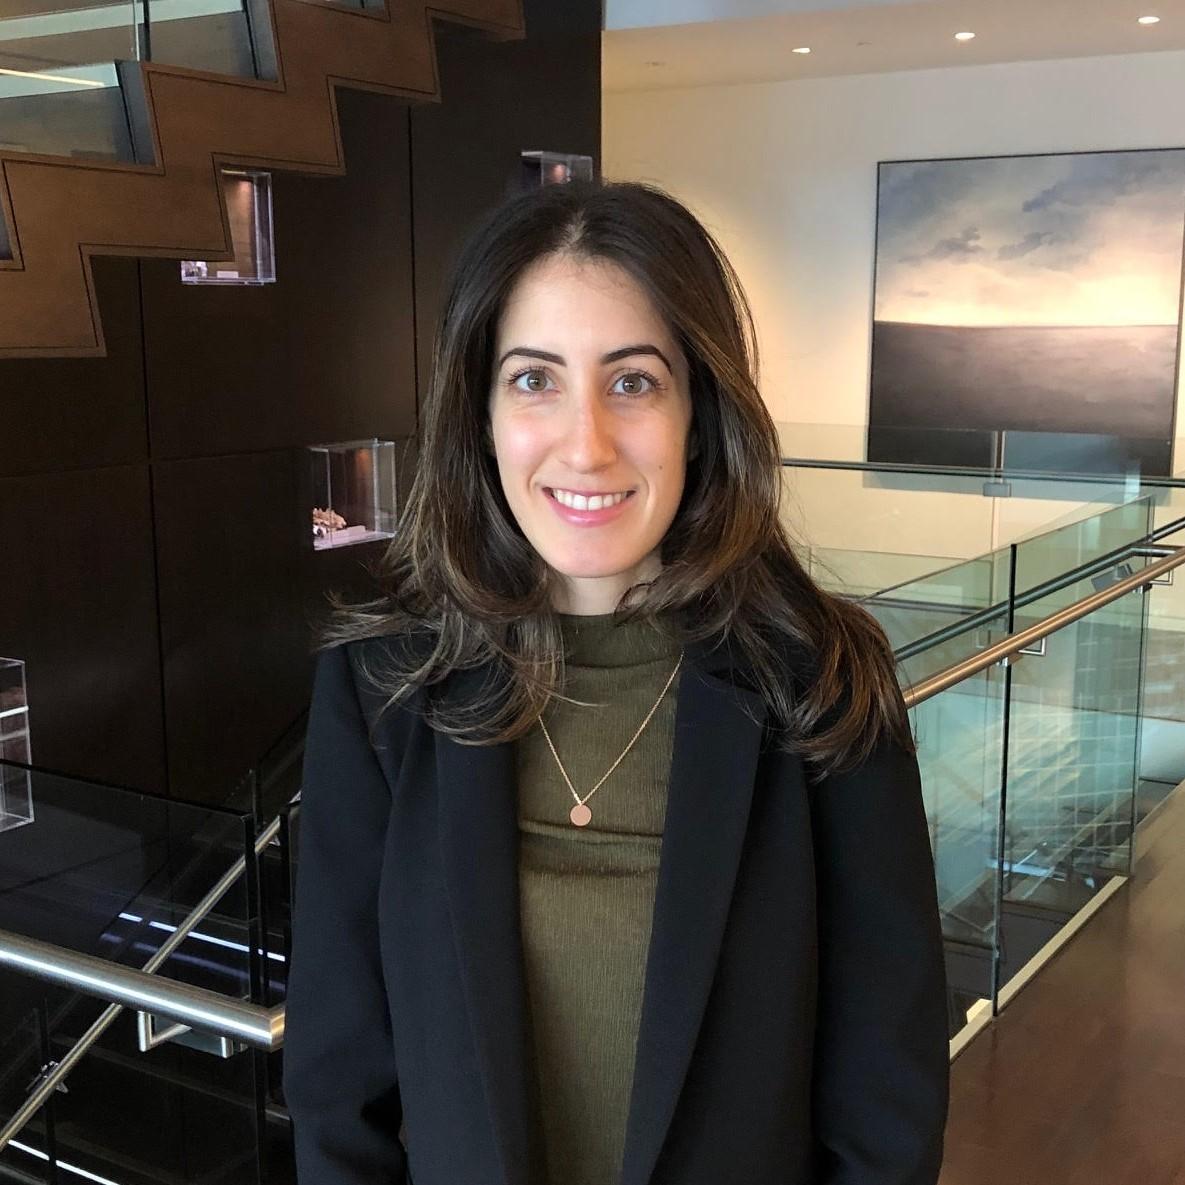 Sahar Sharafzadeh